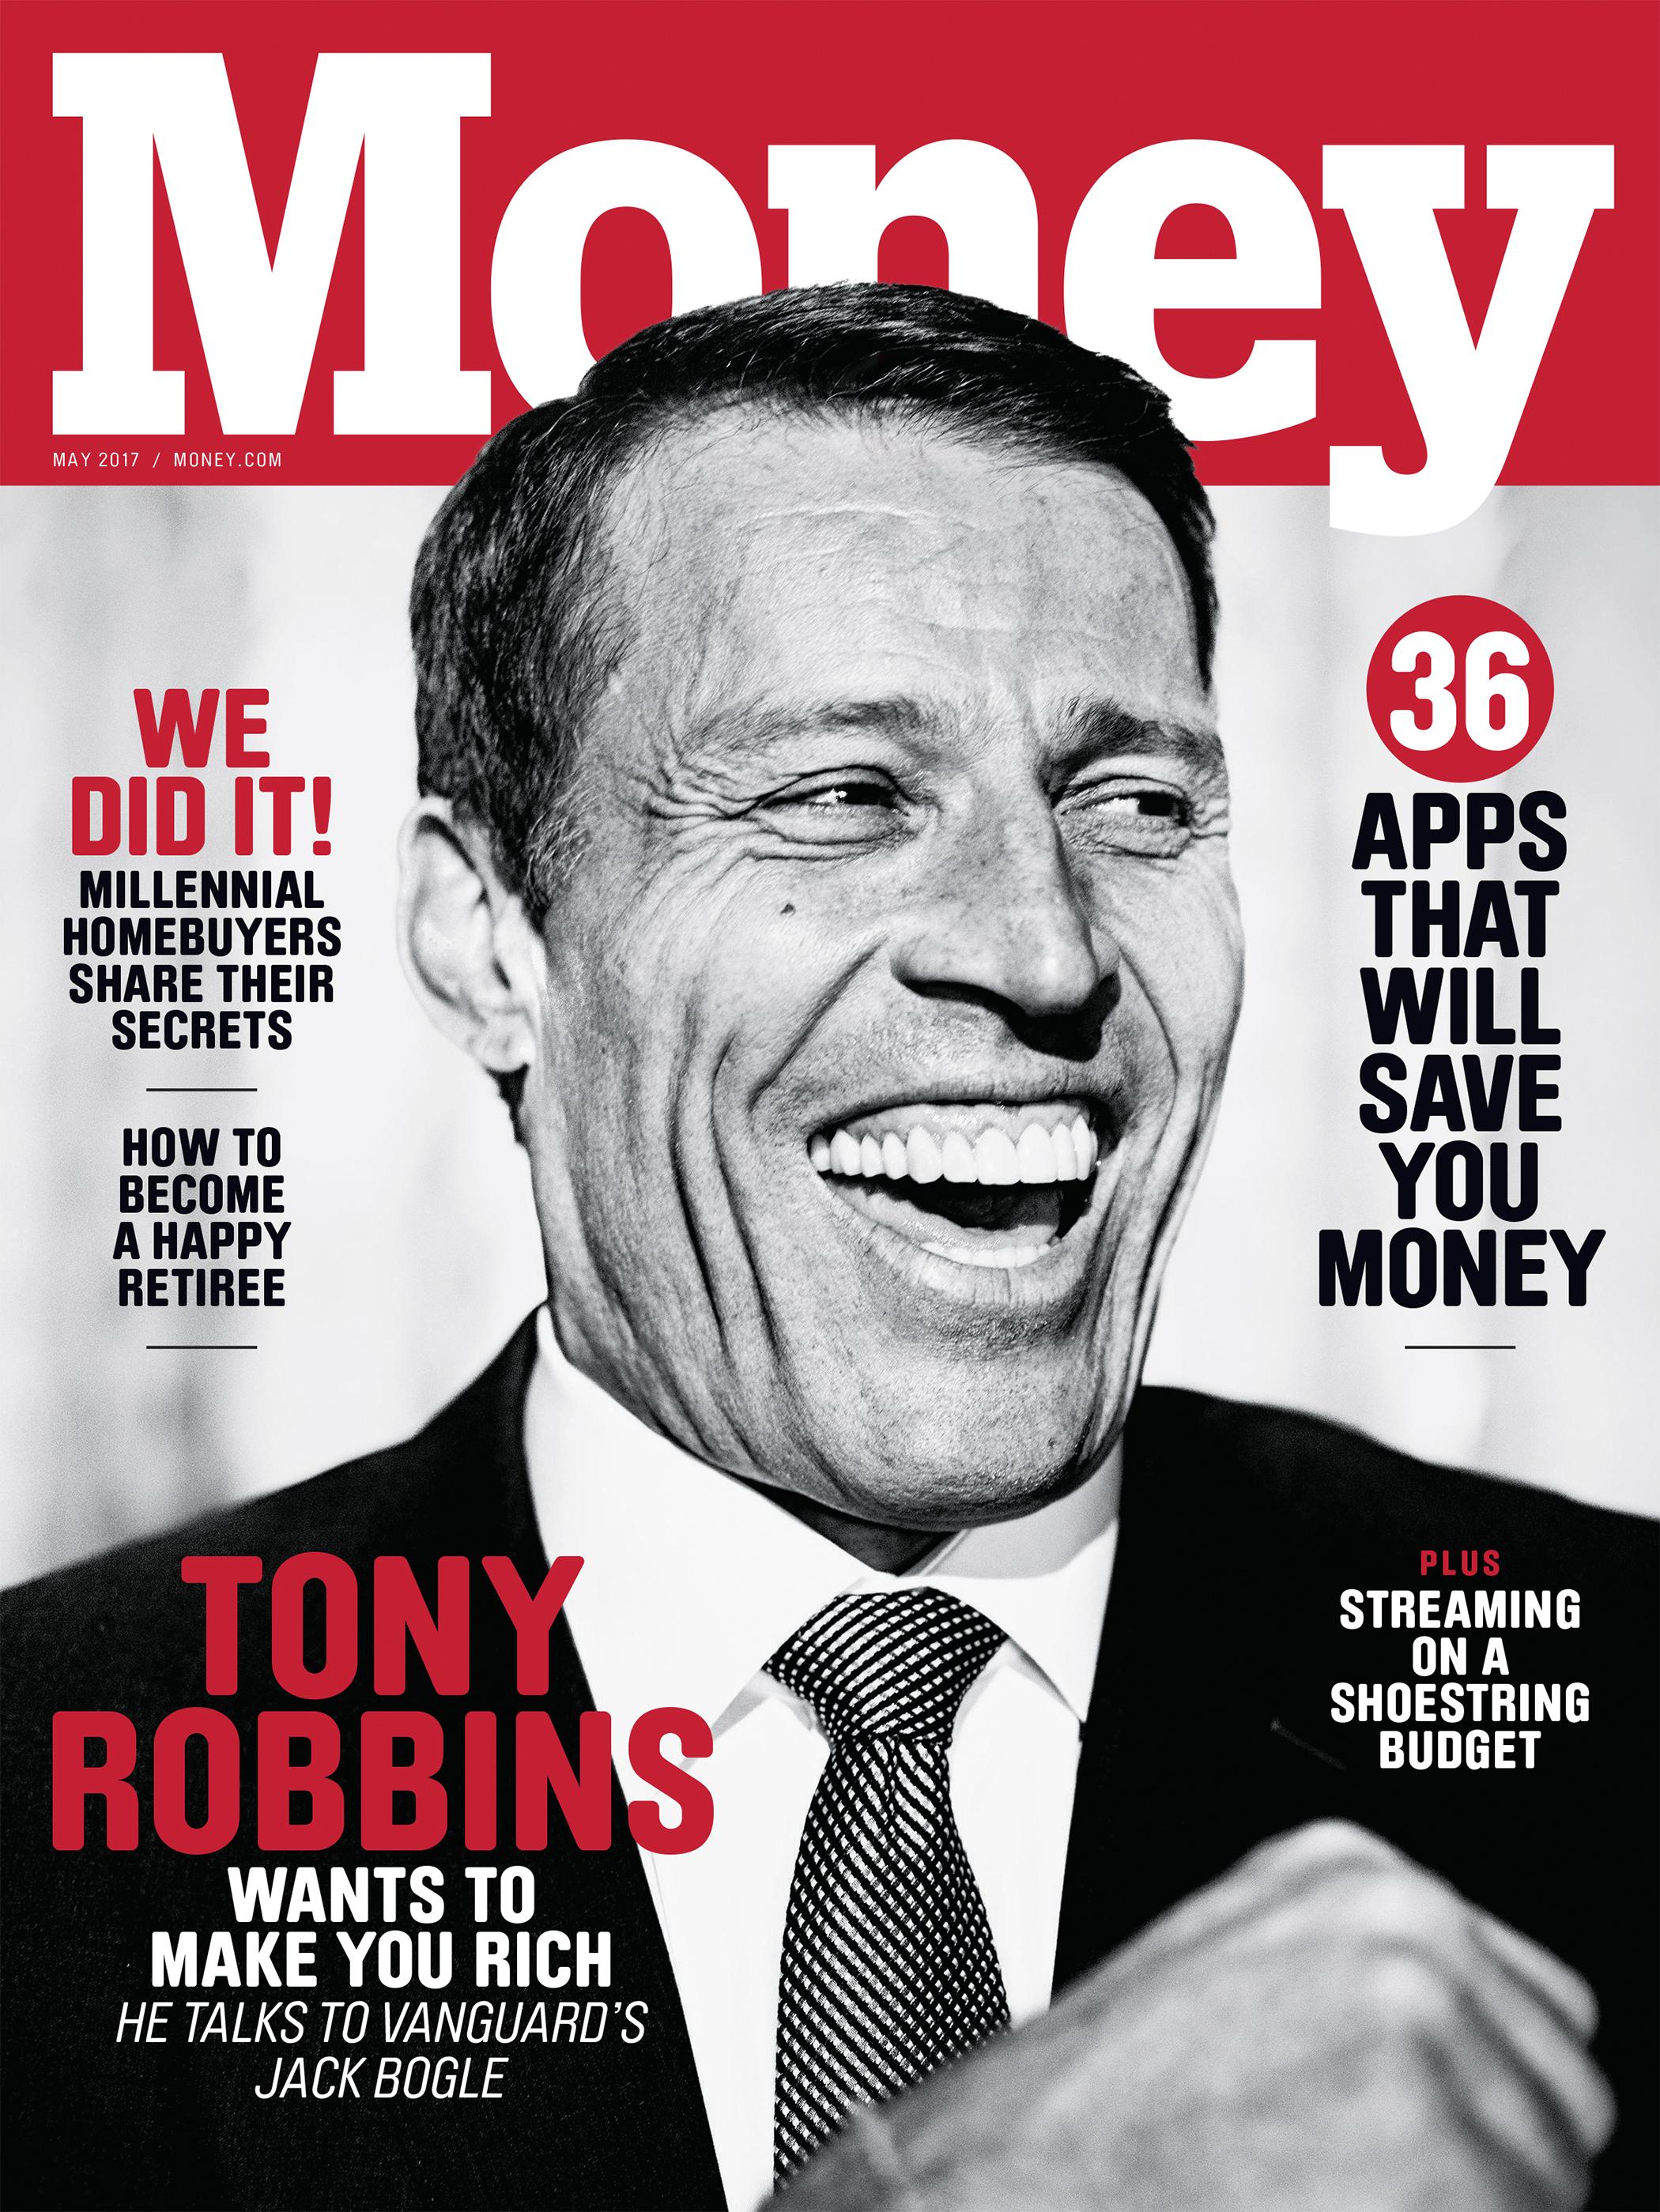 Money magazine May 2017 cover with Tony Robbins